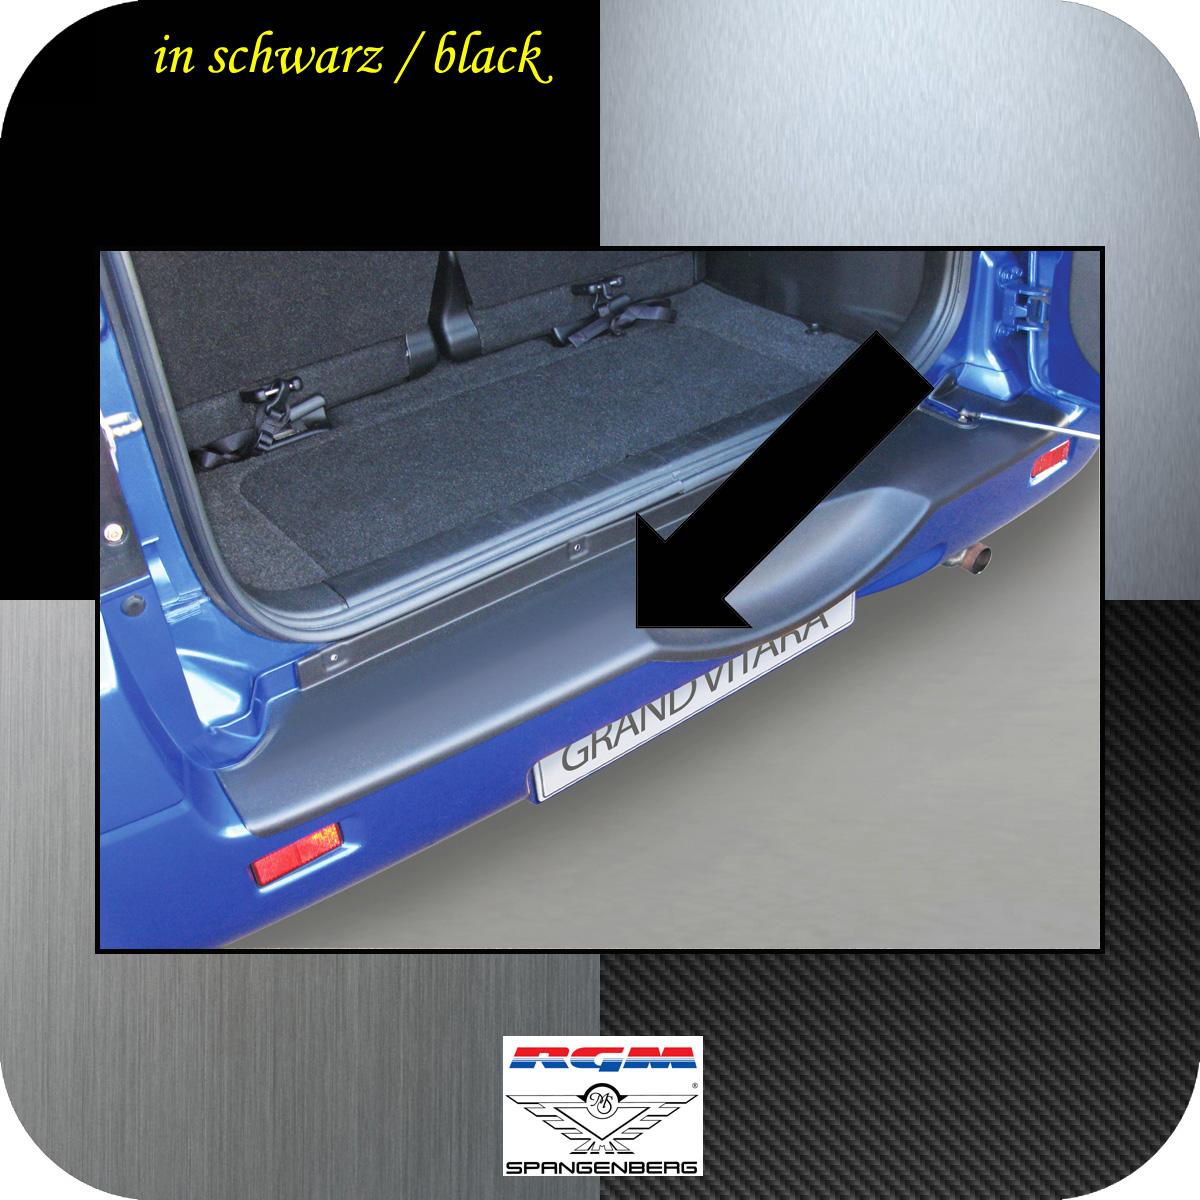 Ladekantenschutz schwarz Suzuki Grand Vitara II Radhalter 2005-2015 3500553